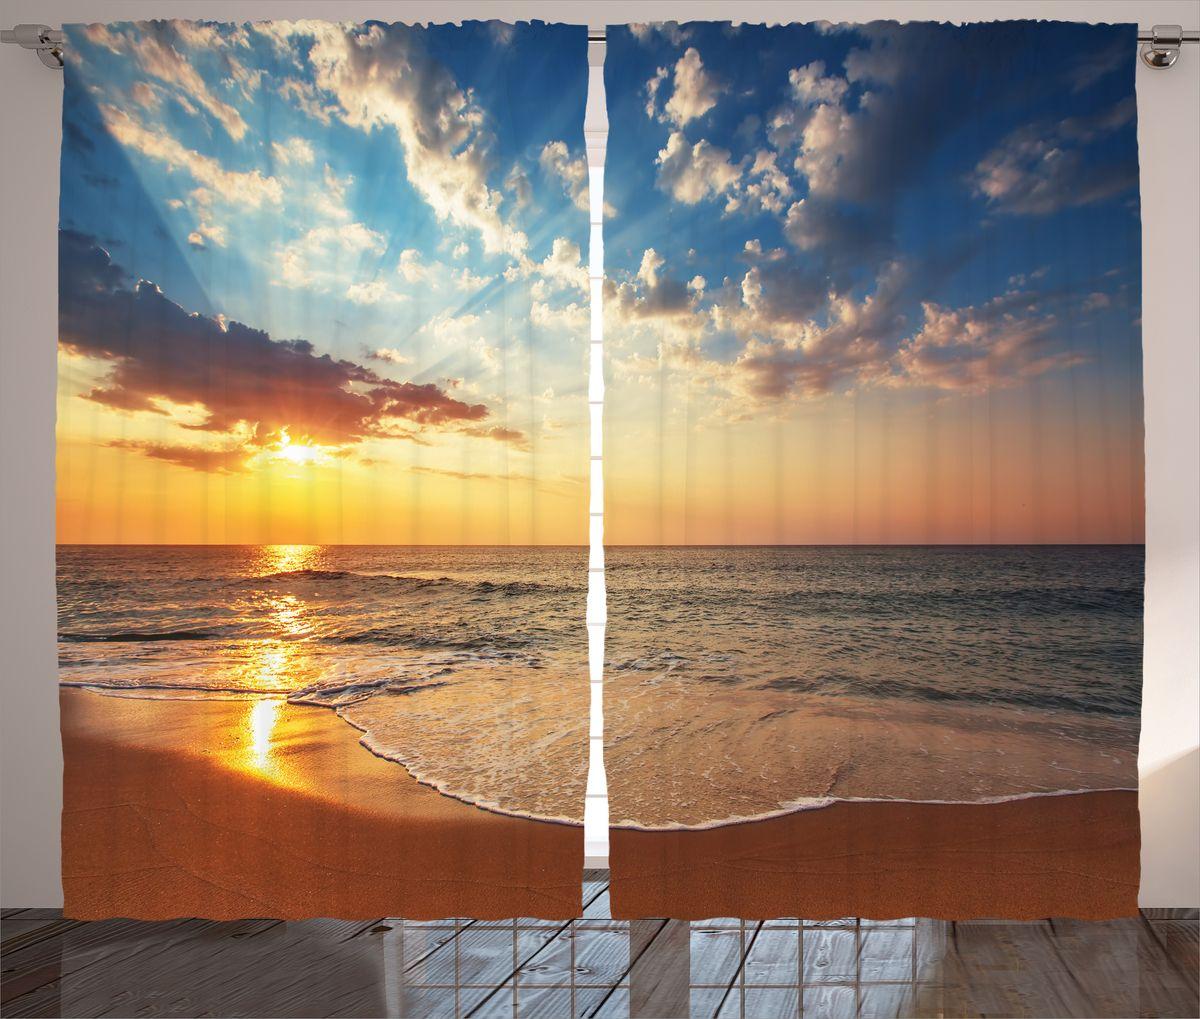 Комплект фотоштор Magic Lady Оранжевый пляж, на ленте, высота 265 см. шсг_15030F0150739RAКомпания Сэмболь изготавливает шторы из высококачественного сатена (полиэстер 100%). При изготовлении используются специальные гипоаллергенные чернила для прямой печати по ткани, безопасные для человека и животных. Экологичность продукции Magic lady и безопасность для окружающей среды подтверждены сертификатом Oeko-Tex Standard 100. Крепление: крючки для крепления на шторной ленте (50 шт). Возможно крепление на трубу. Внимание! При нанесении сублимационной печати на ткань технологическим методом при температуре 240°С, возможно отклонение полученных размеров (указанных на этикетке и сайте) от стандартных на + - 3-5 см. Производитель старается максимально точно передать цвета изделия на фотографиях, однако искажения неизбежны и фактический цвет изделия может отличаться от воспринимаемого по фото. Обратите внимание! Шторы изготовлены из полиэстра сатенового переплетения, а не из сатина (хлопок). Размер одного полотна шторы: 145х265 см. В комплекте 2 полотна шторы и 50 крючков.